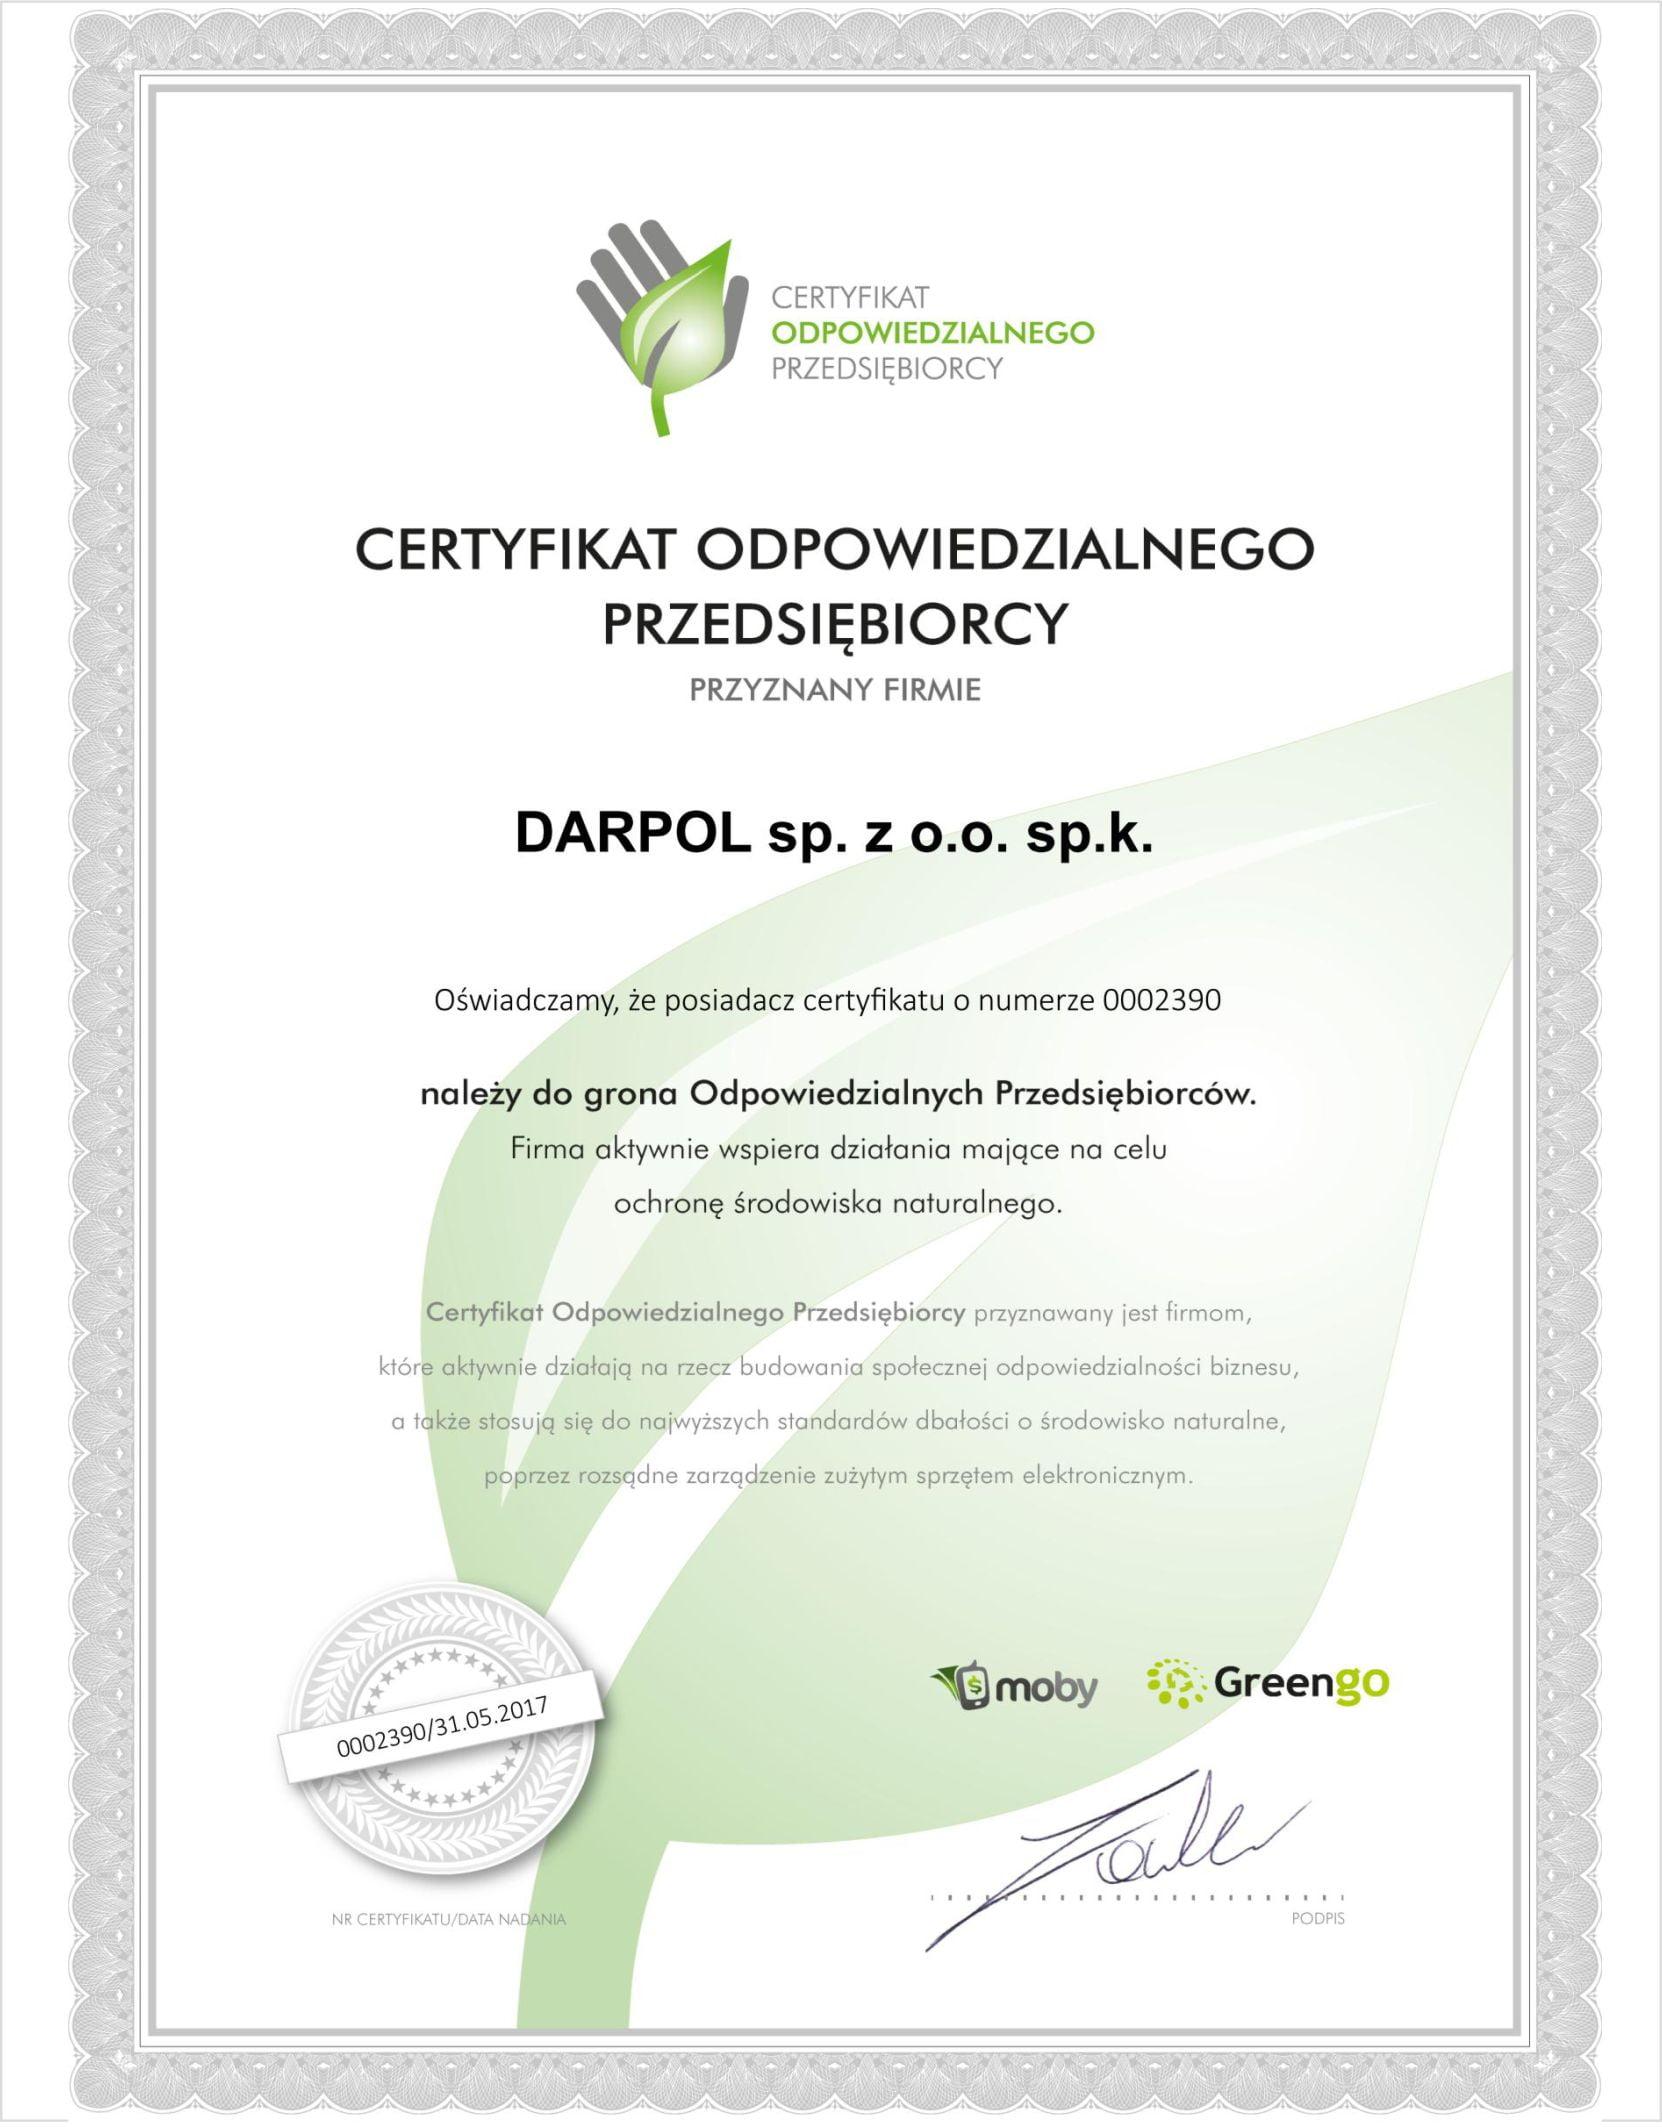 DARPOL Bydgoszcz - odpowiedzialny przedsiębiorca